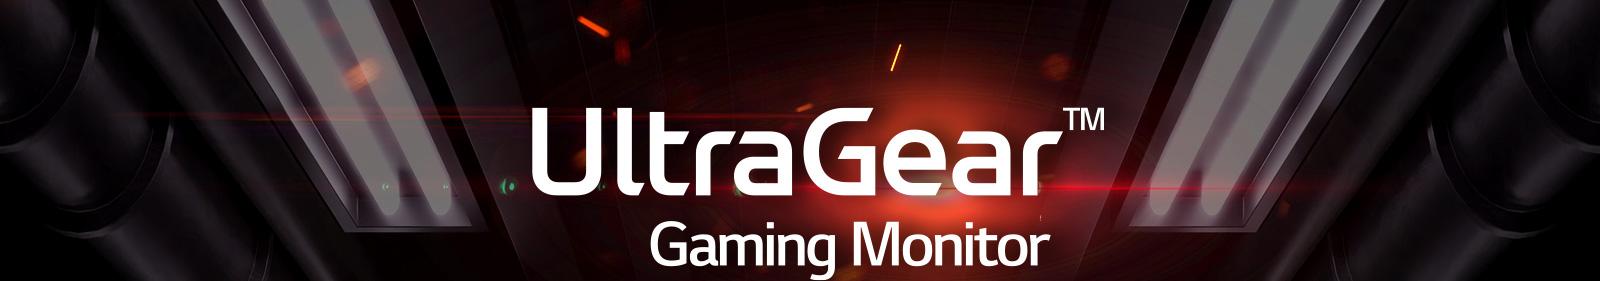 UltraGear™ Oyun Monitörü